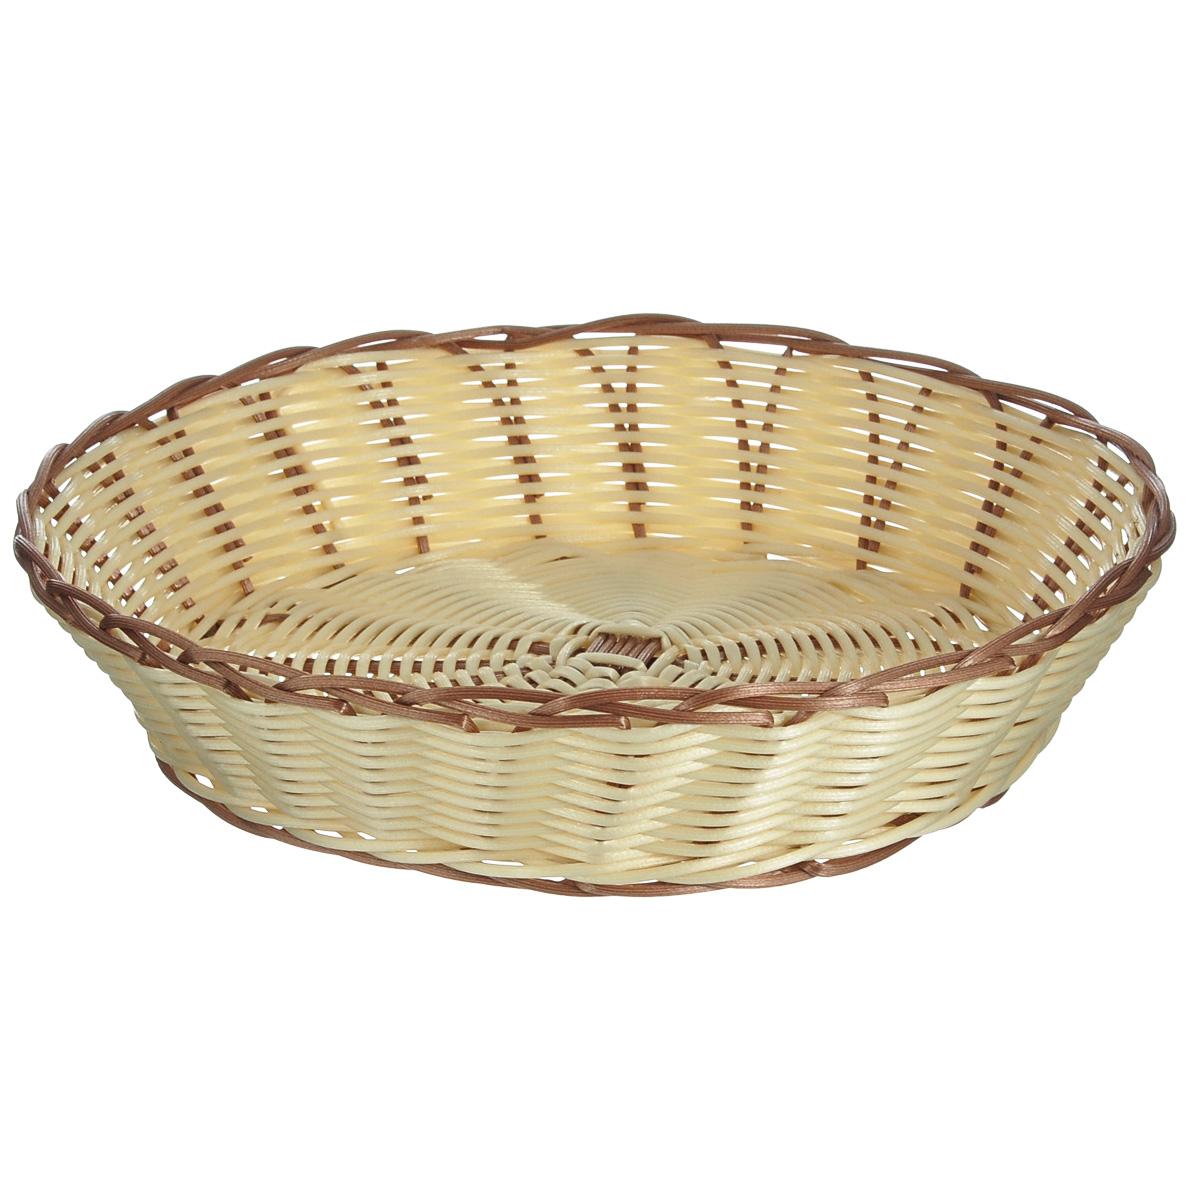 Корзинка для хлеба Kesper, диаметр 28 см. 1981-11981-1Оригинальная плетеная корзинка Kesper круглой формы, выполнена из пластика, напоминающего фактуру дерева. Корзинка прекрасно подойдет для вашей кухни. Она предназначена для красивой сервировки хлебобулочной продукции. Изящный дизайн придется по вкусу и ценителям классики, и тем, кто предпочитает утонченность и изысканность. Можно мыть в посудомоечной машине. Диаметр корзинки: 28 см. Высота корзинки: 6 см.